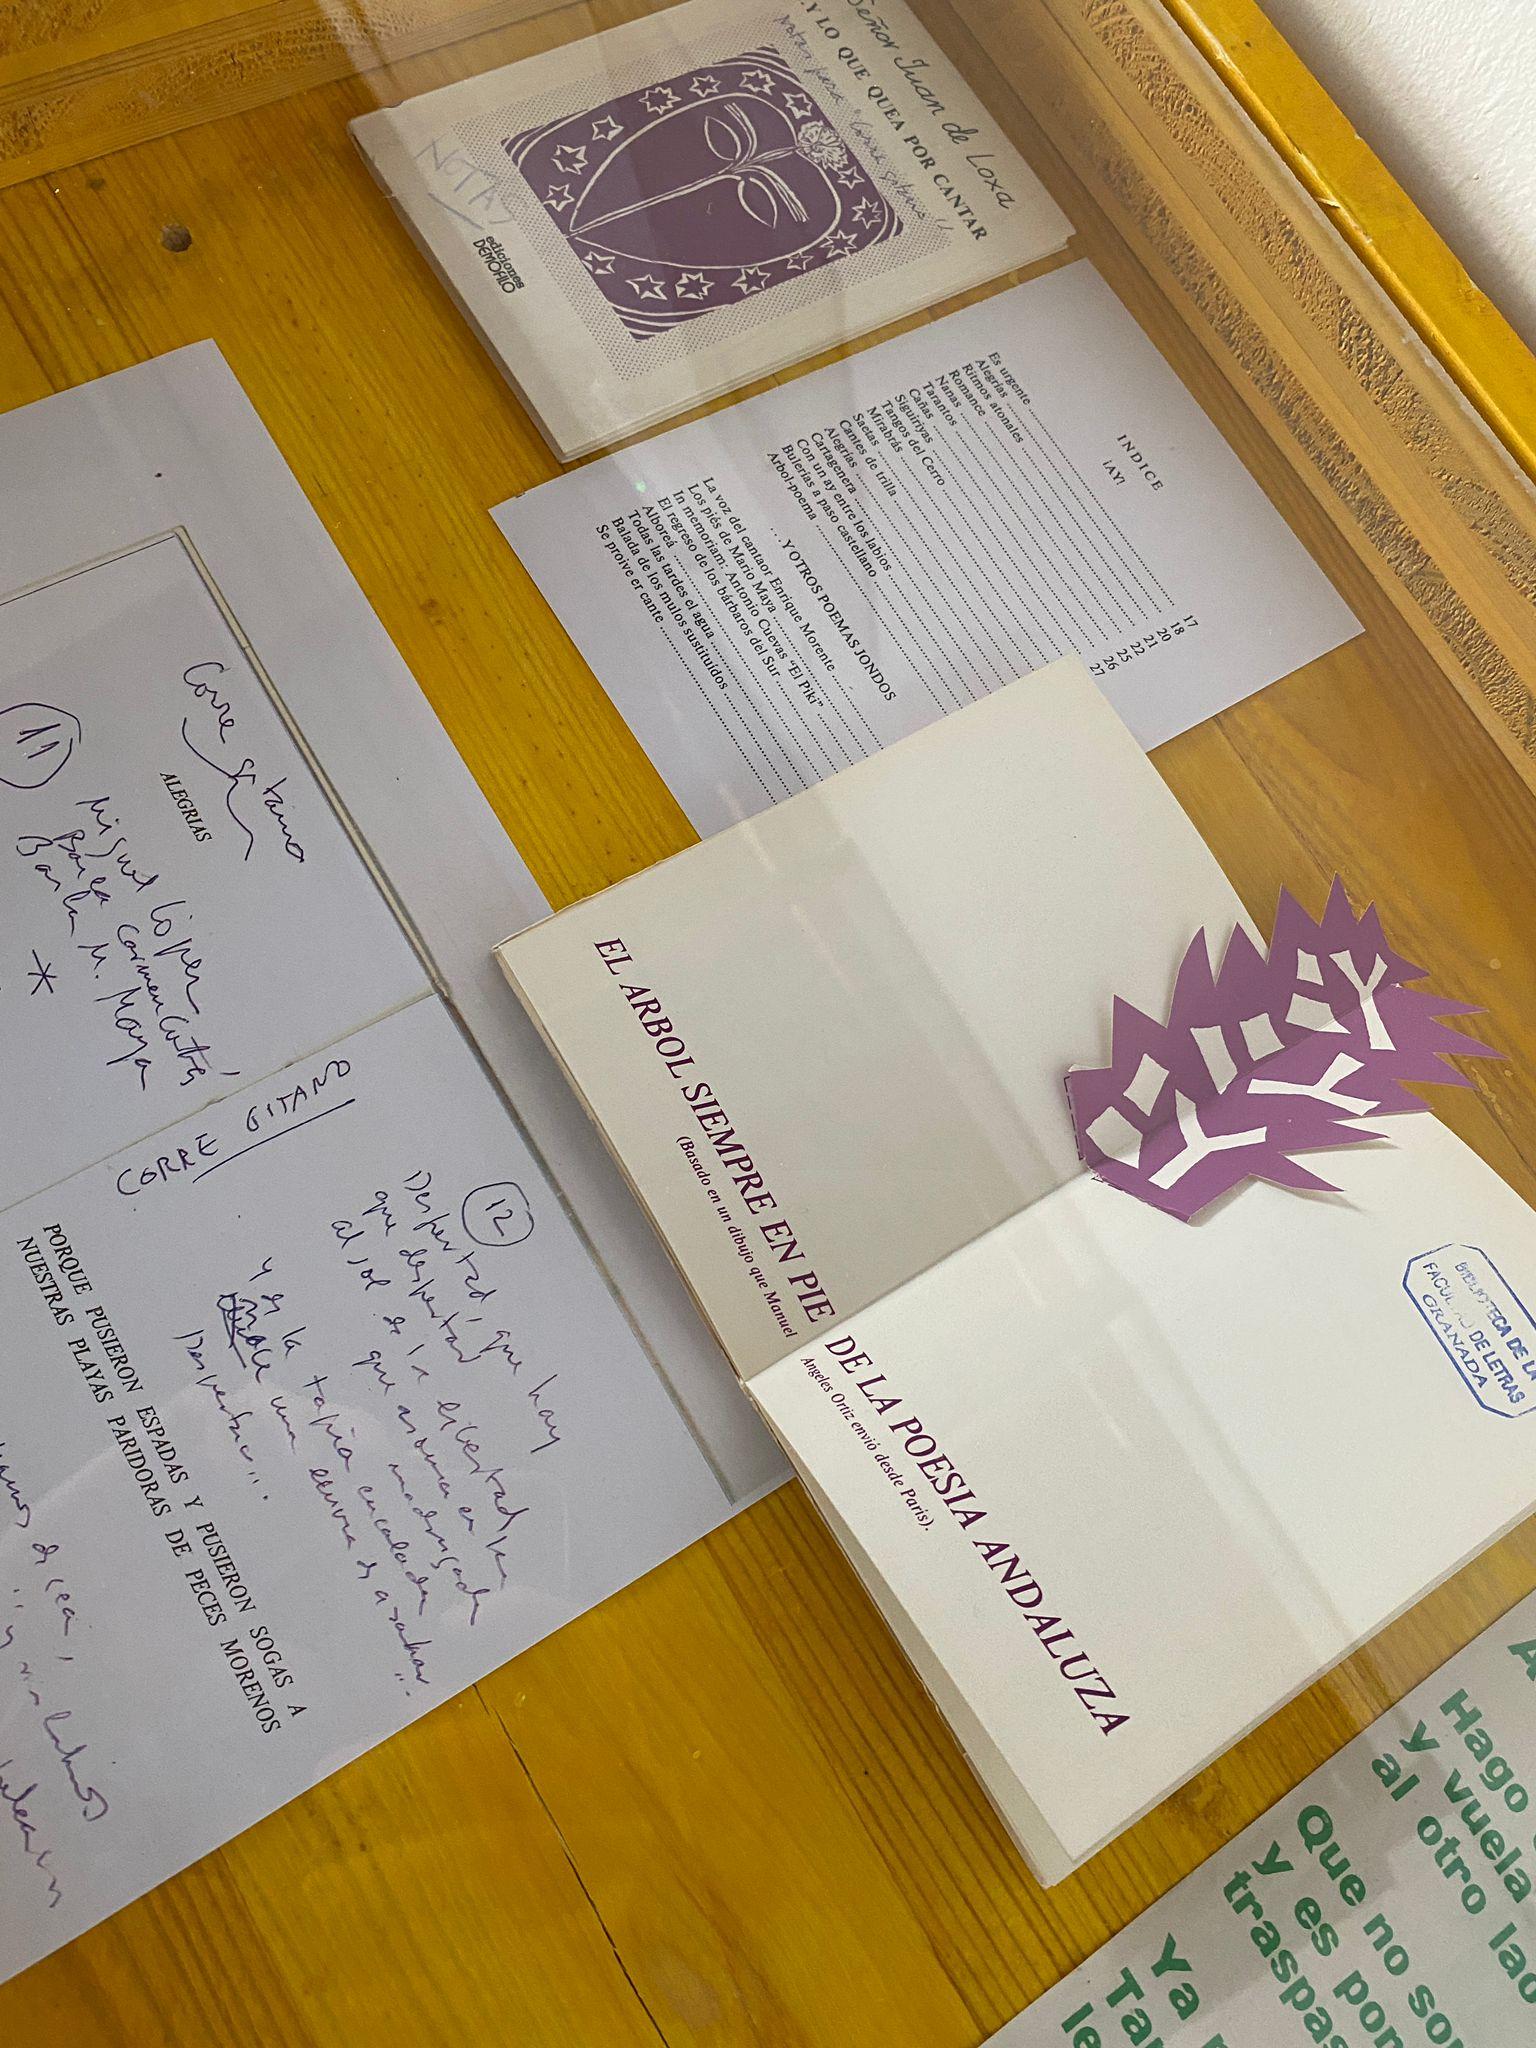 La exposición 'Jondos 21', conmemora la edición de 'Jondos 6', publicación de Heredia Maya y Juan de Loxa, entre otros